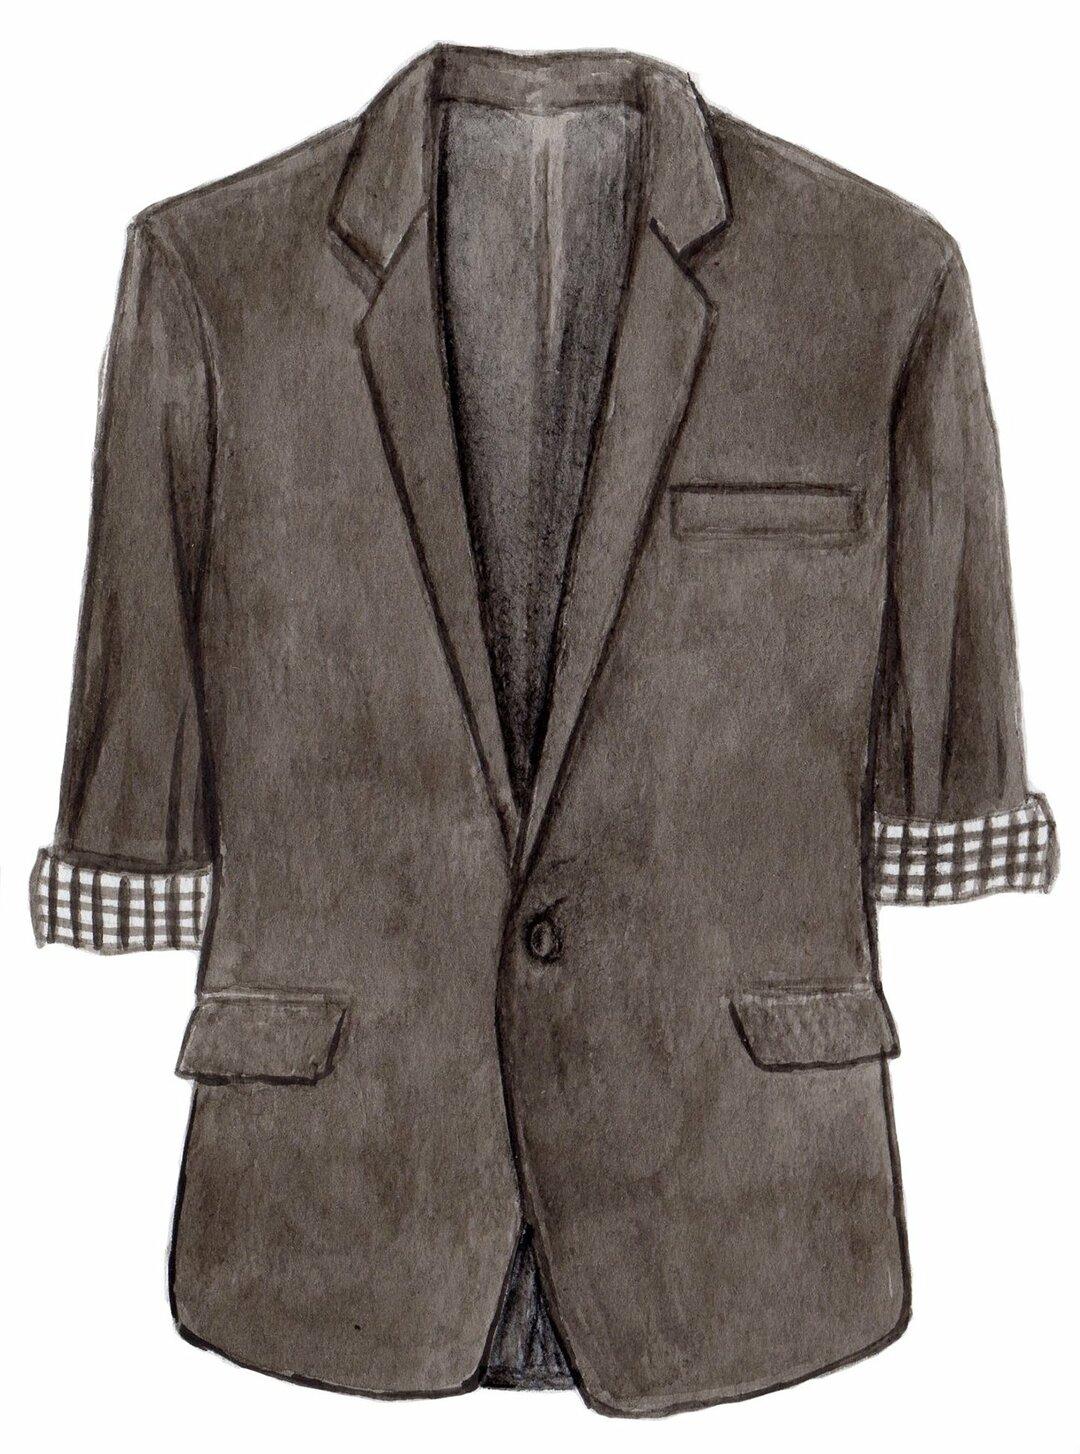 センスの悪い男性が、つい選んでしまう「ダメな私服」